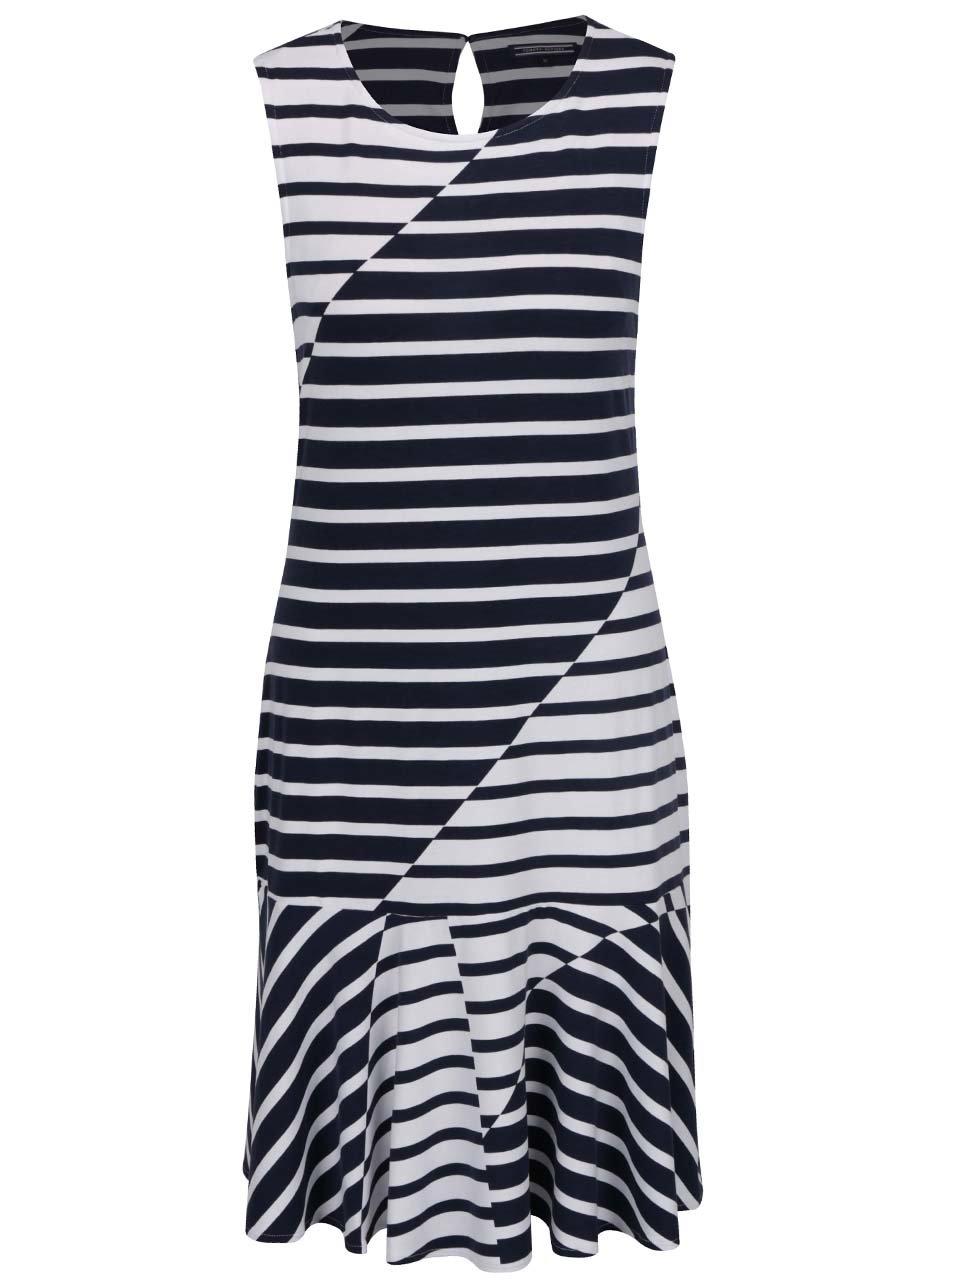 Tmavomodré dámske pruhované šaty Tommy Hilfiger ... 1665db77412